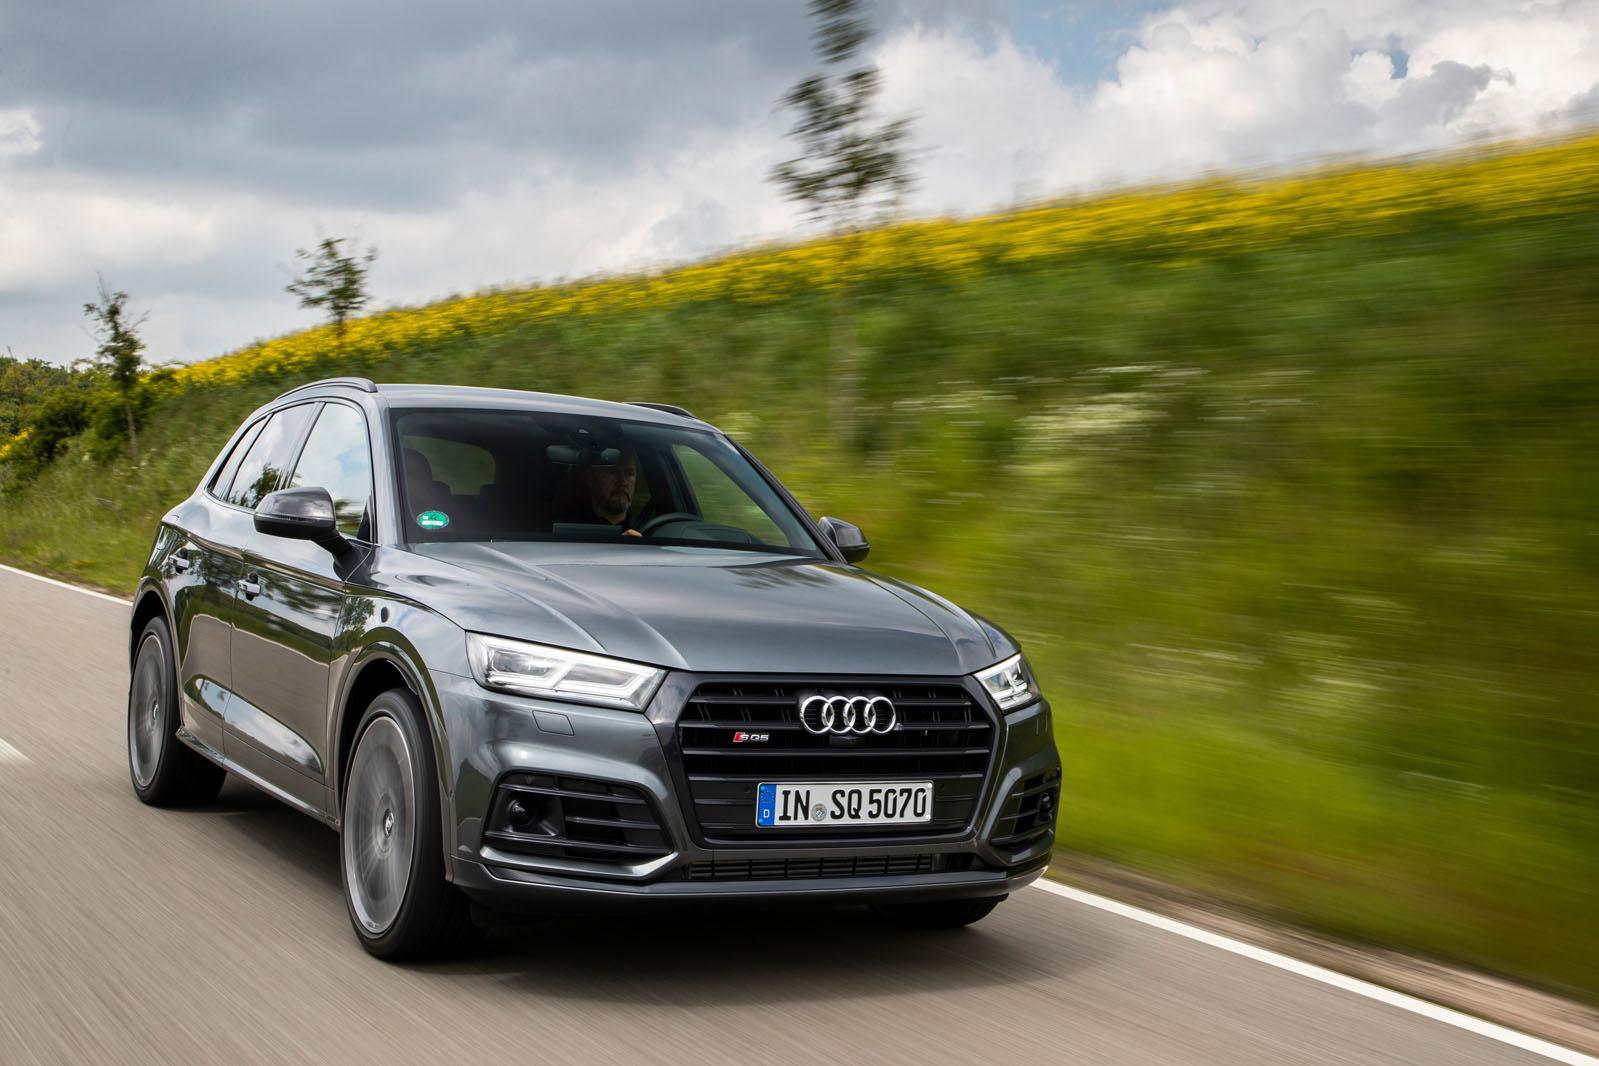 Kekurangan Audi Sq5 2019 Murah Berkualitas